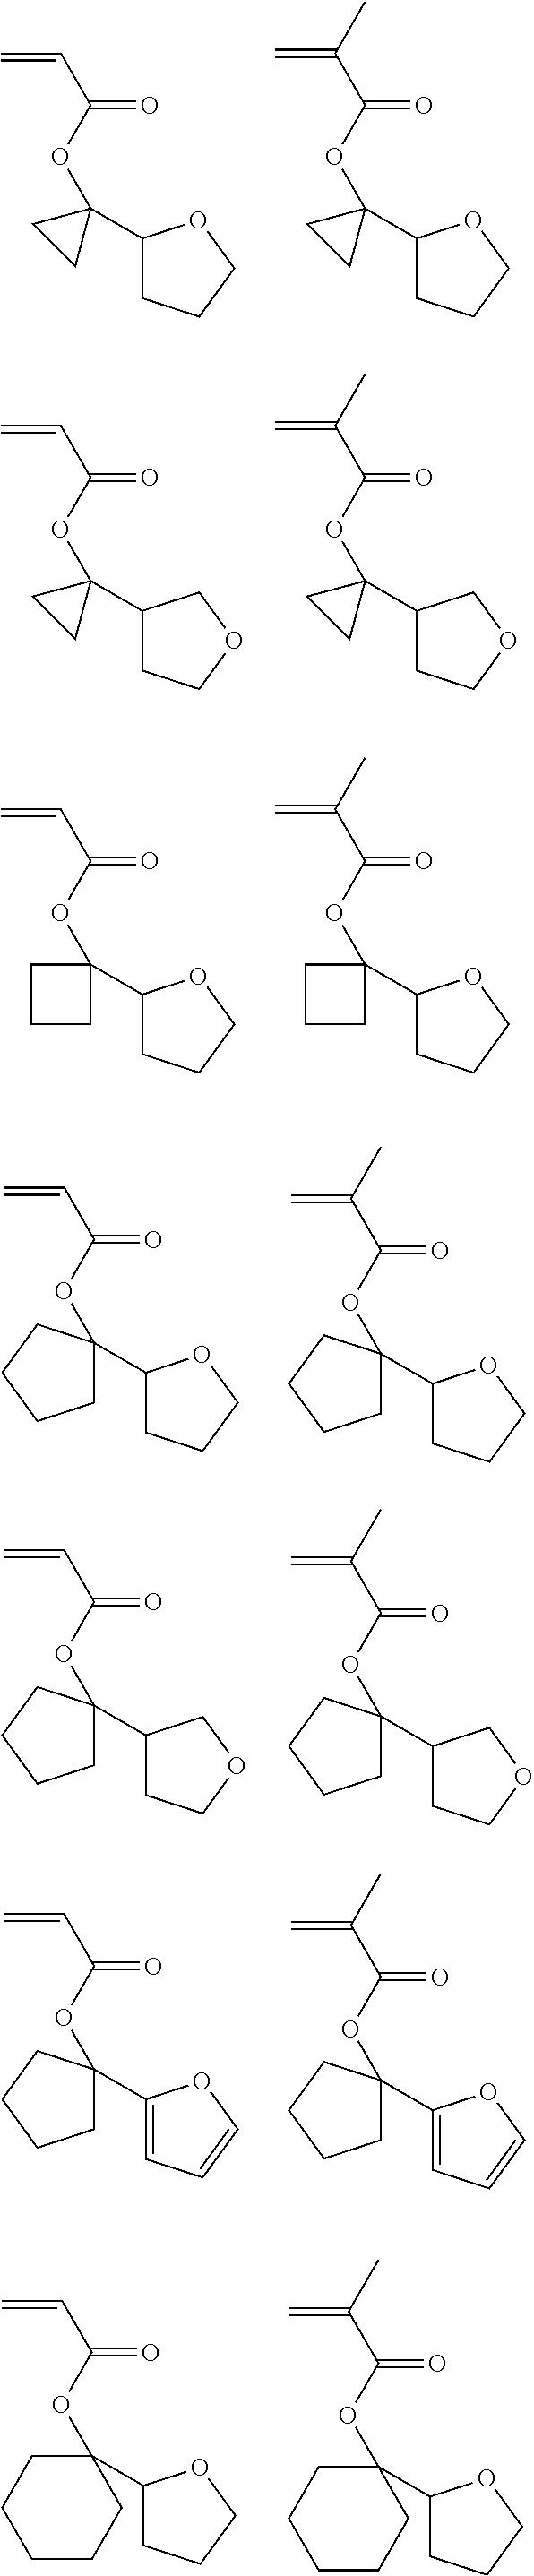 Figure US09040223-20150526-C00072